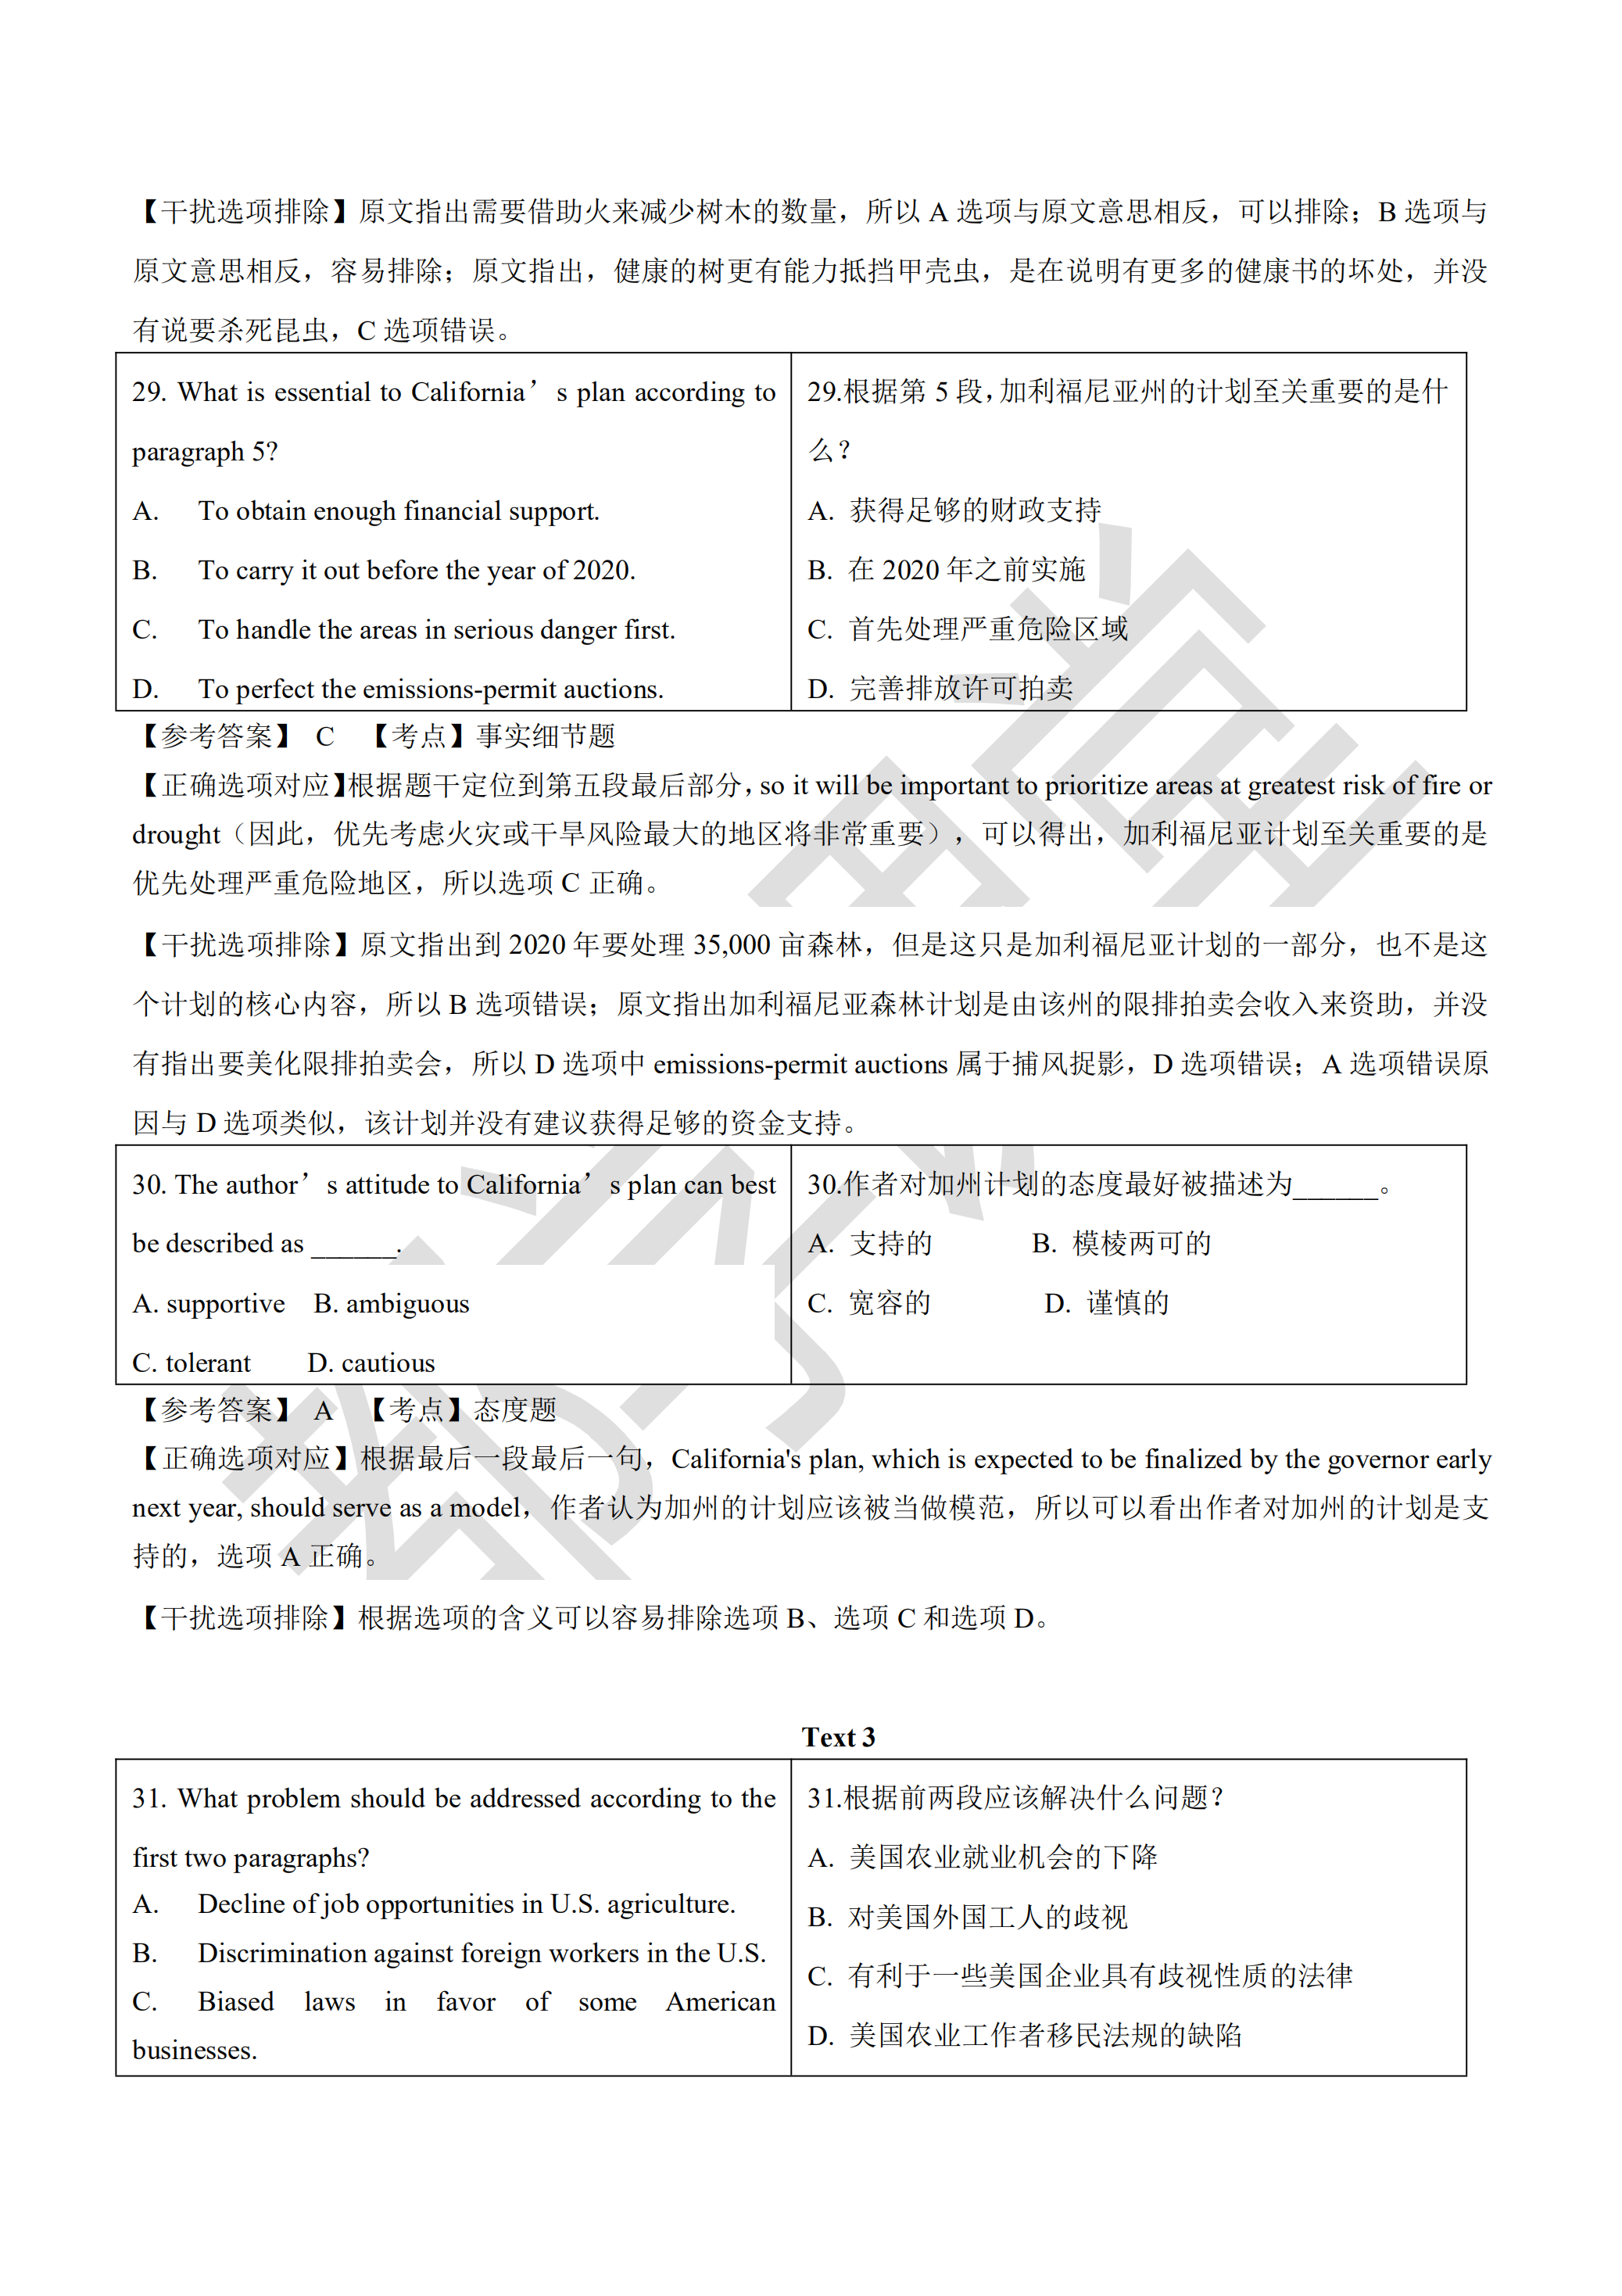 2019年考研英语(二)真题解析高教社版_08.png